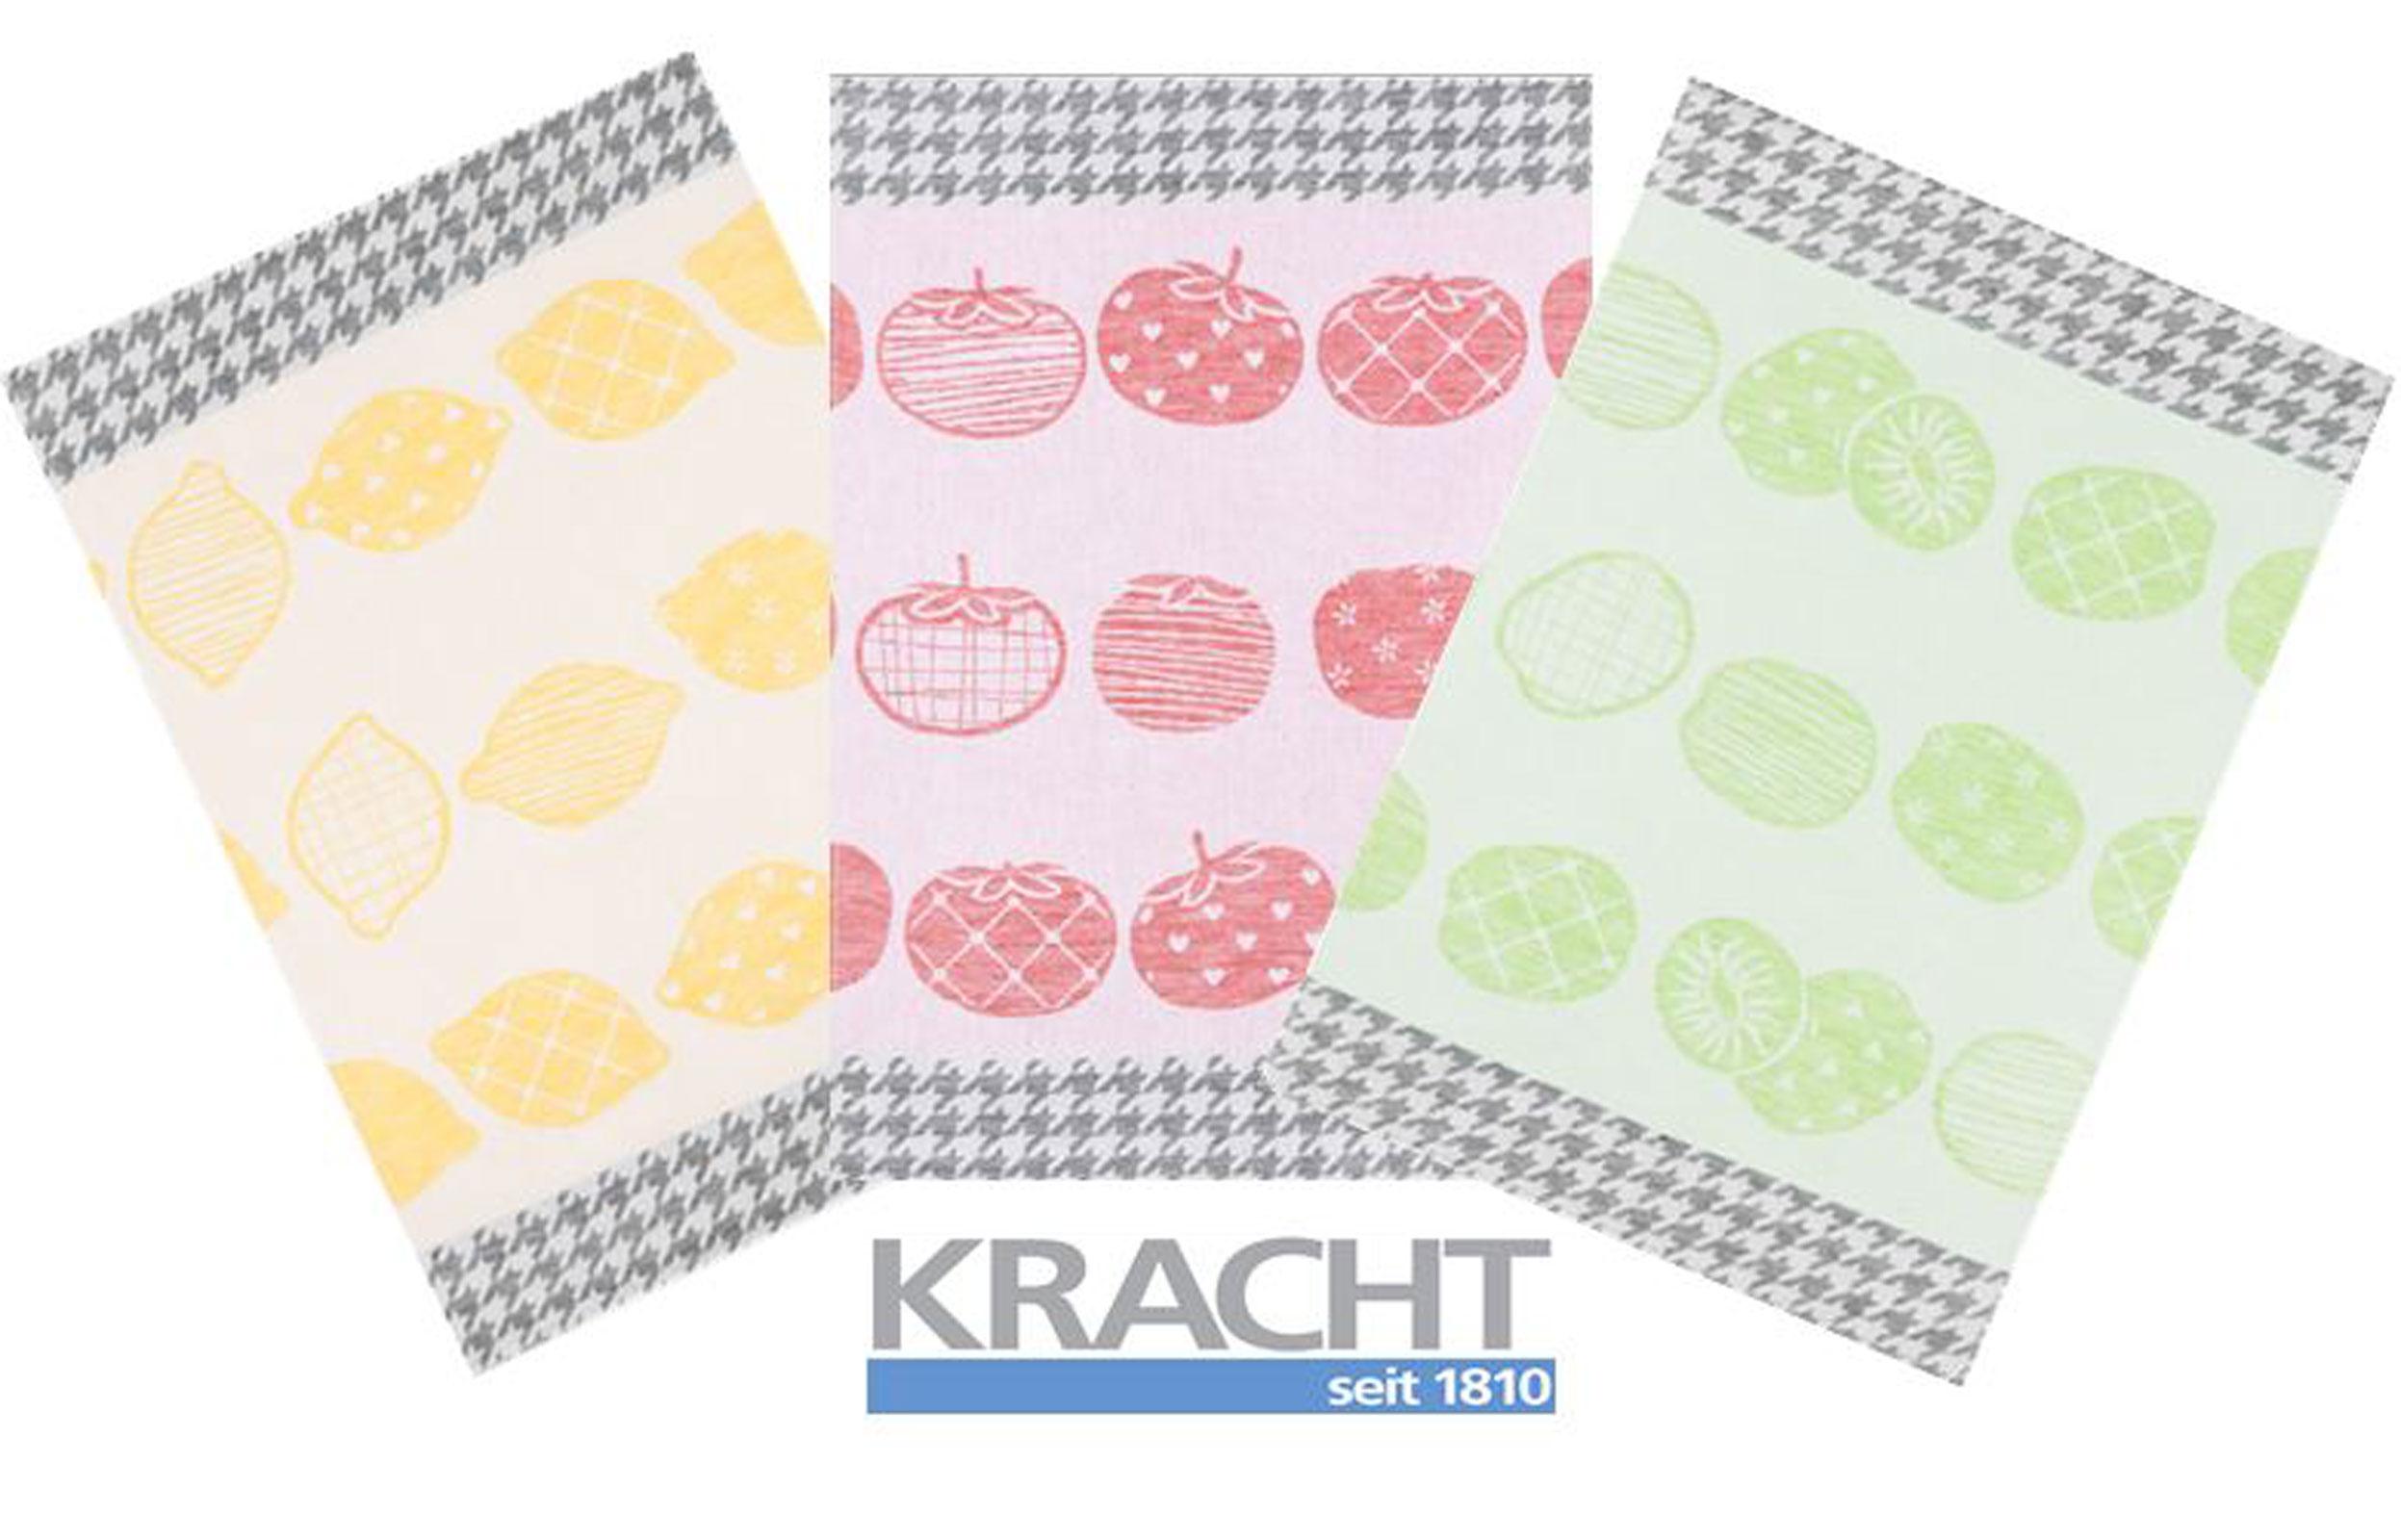 Küchentextilien - 3er Pack Kracht Halbleinen Geschirrtuch 50x70 Tutti Frutti 2 440  - Onlineshop PremiumShop321